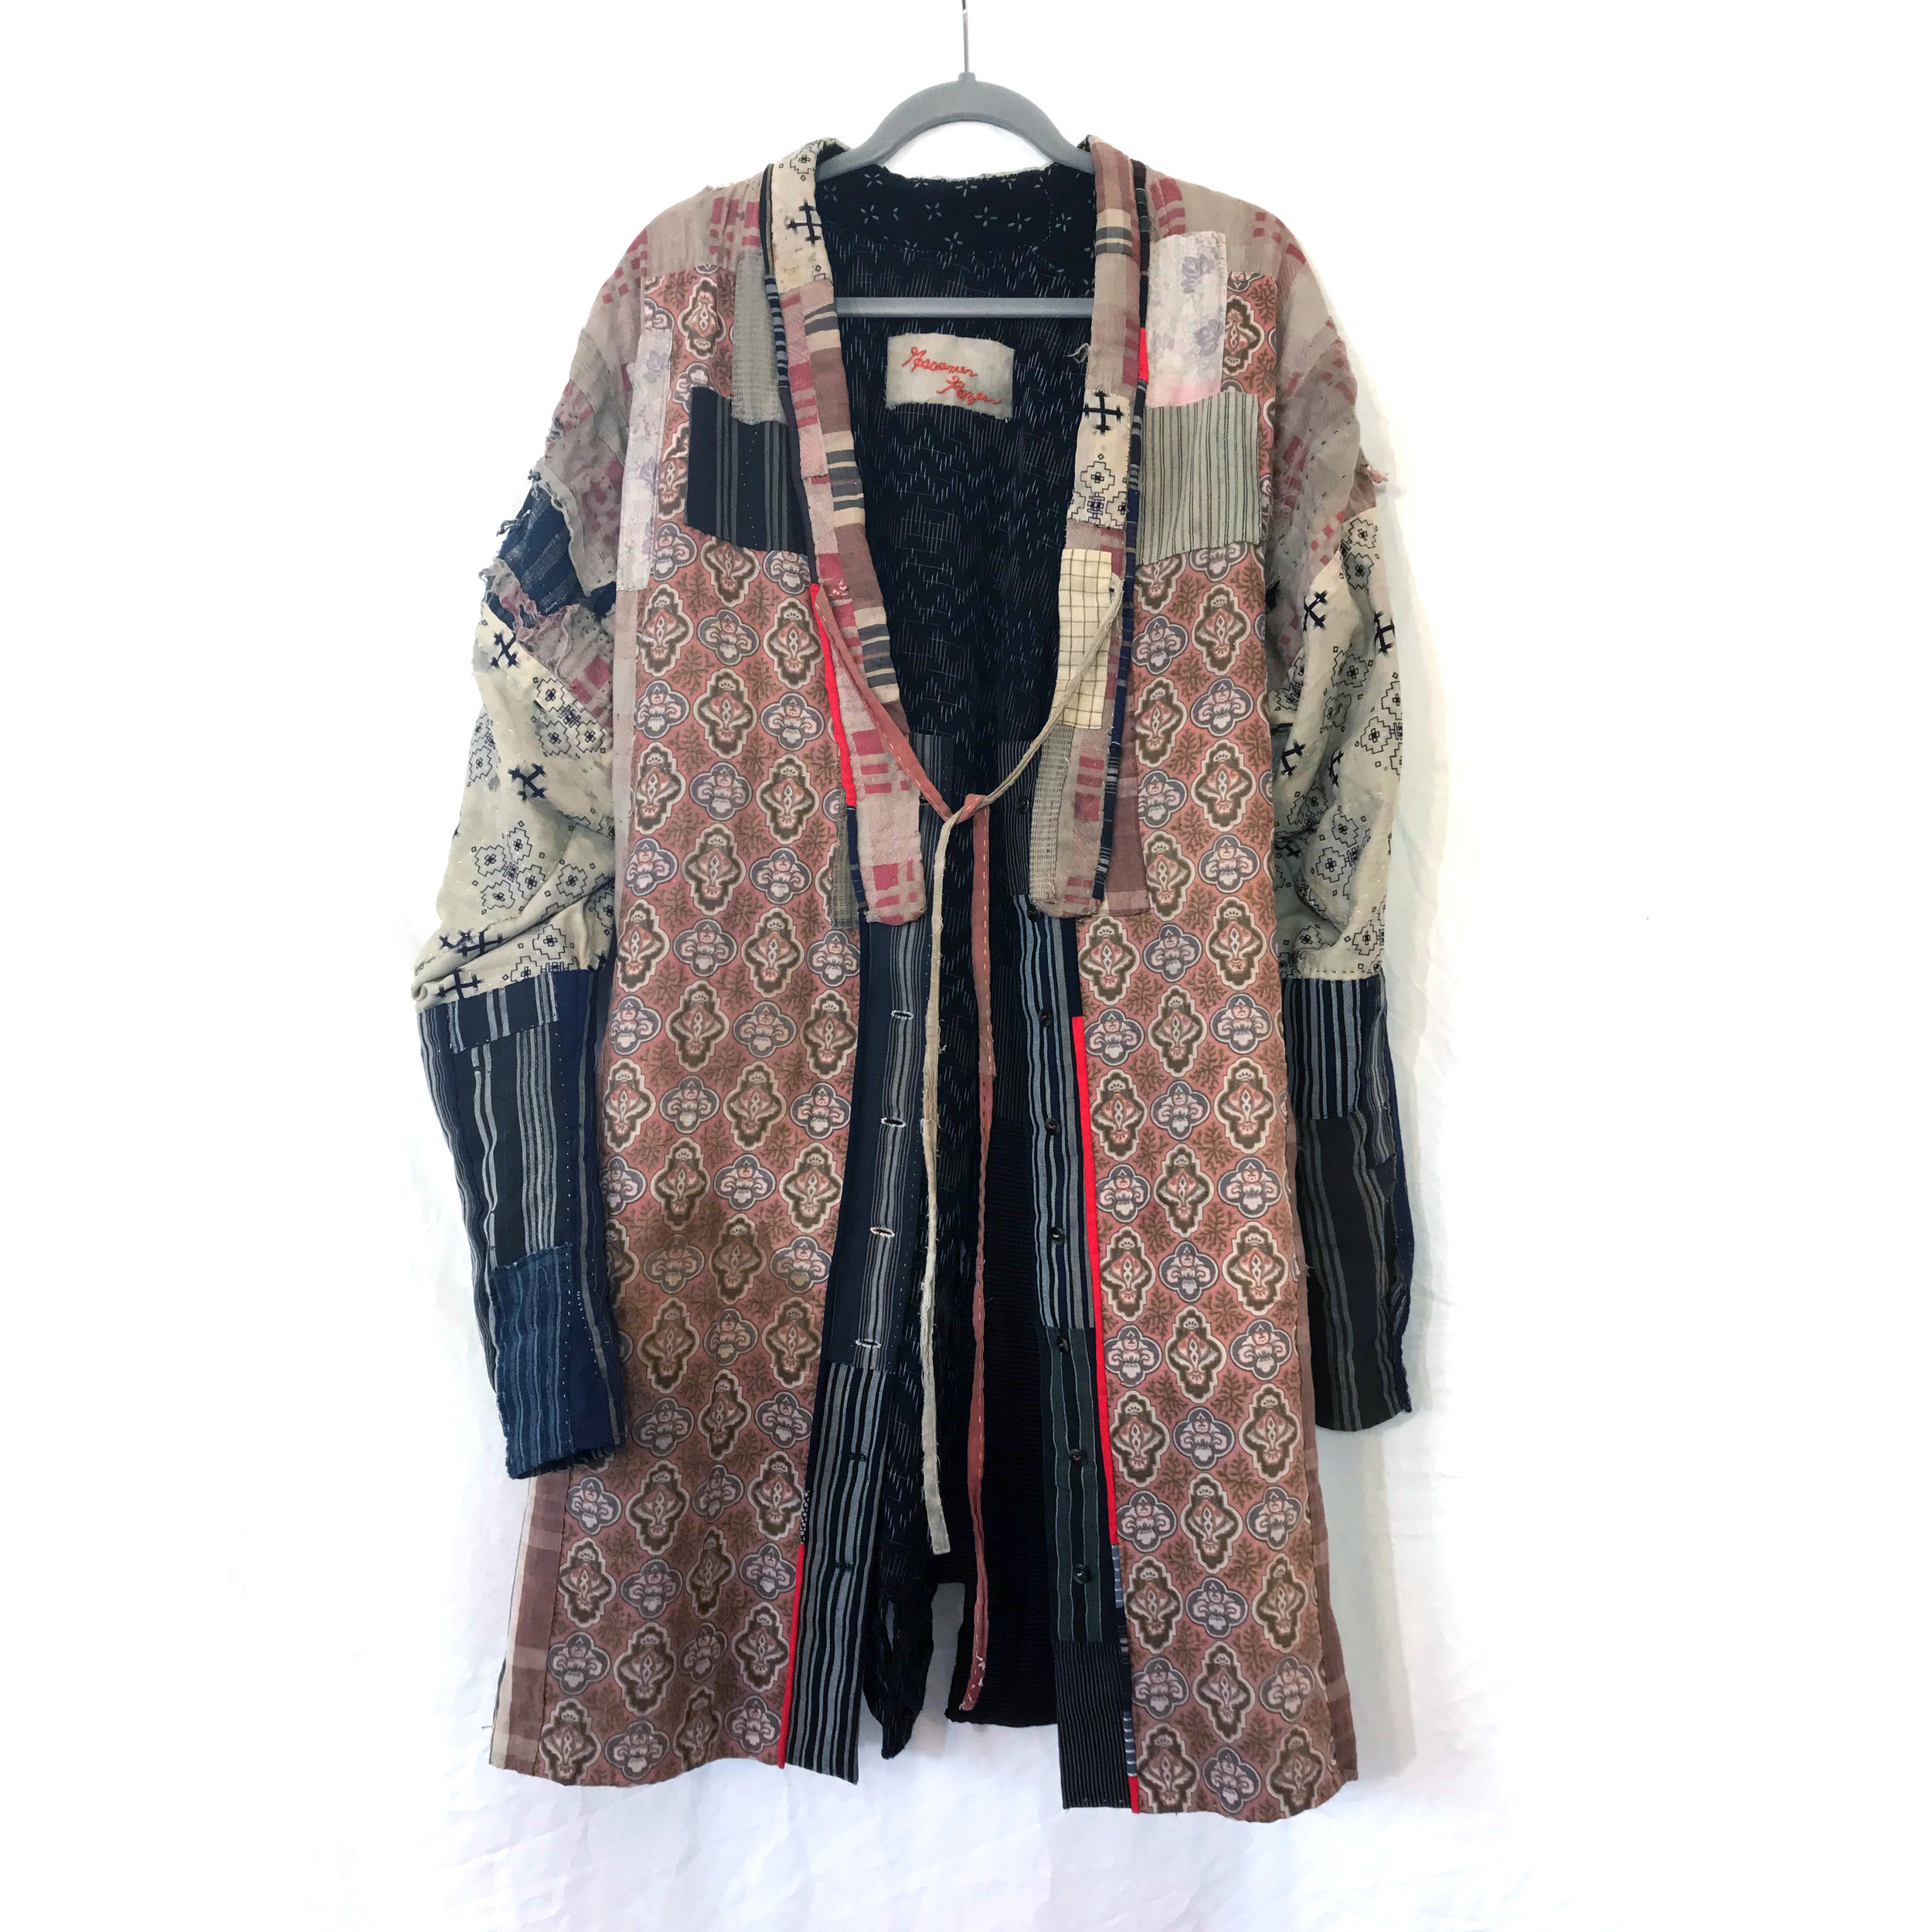 garment1_front.jpg